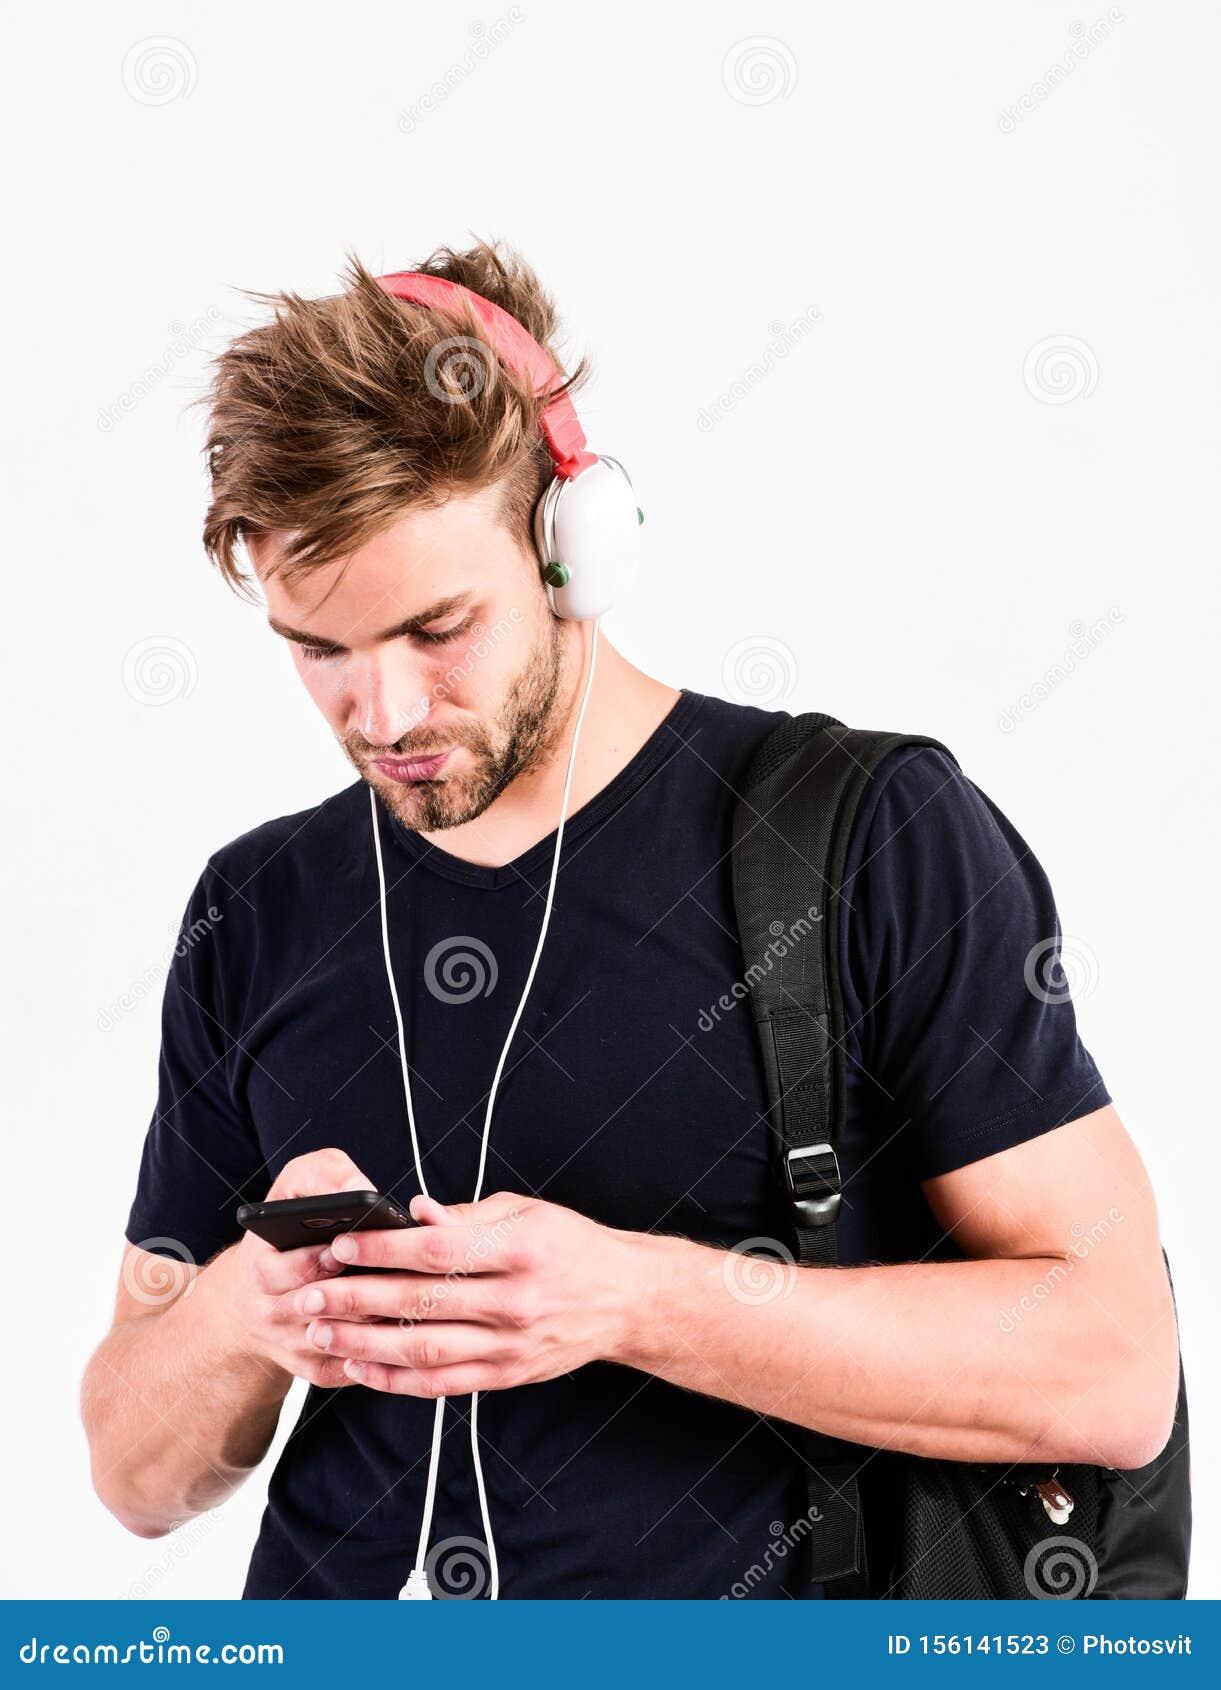 Mp3 player concept. Enjoy perfect music sound headphones. Music gadget. Musical accessory gadgets. Man listen music